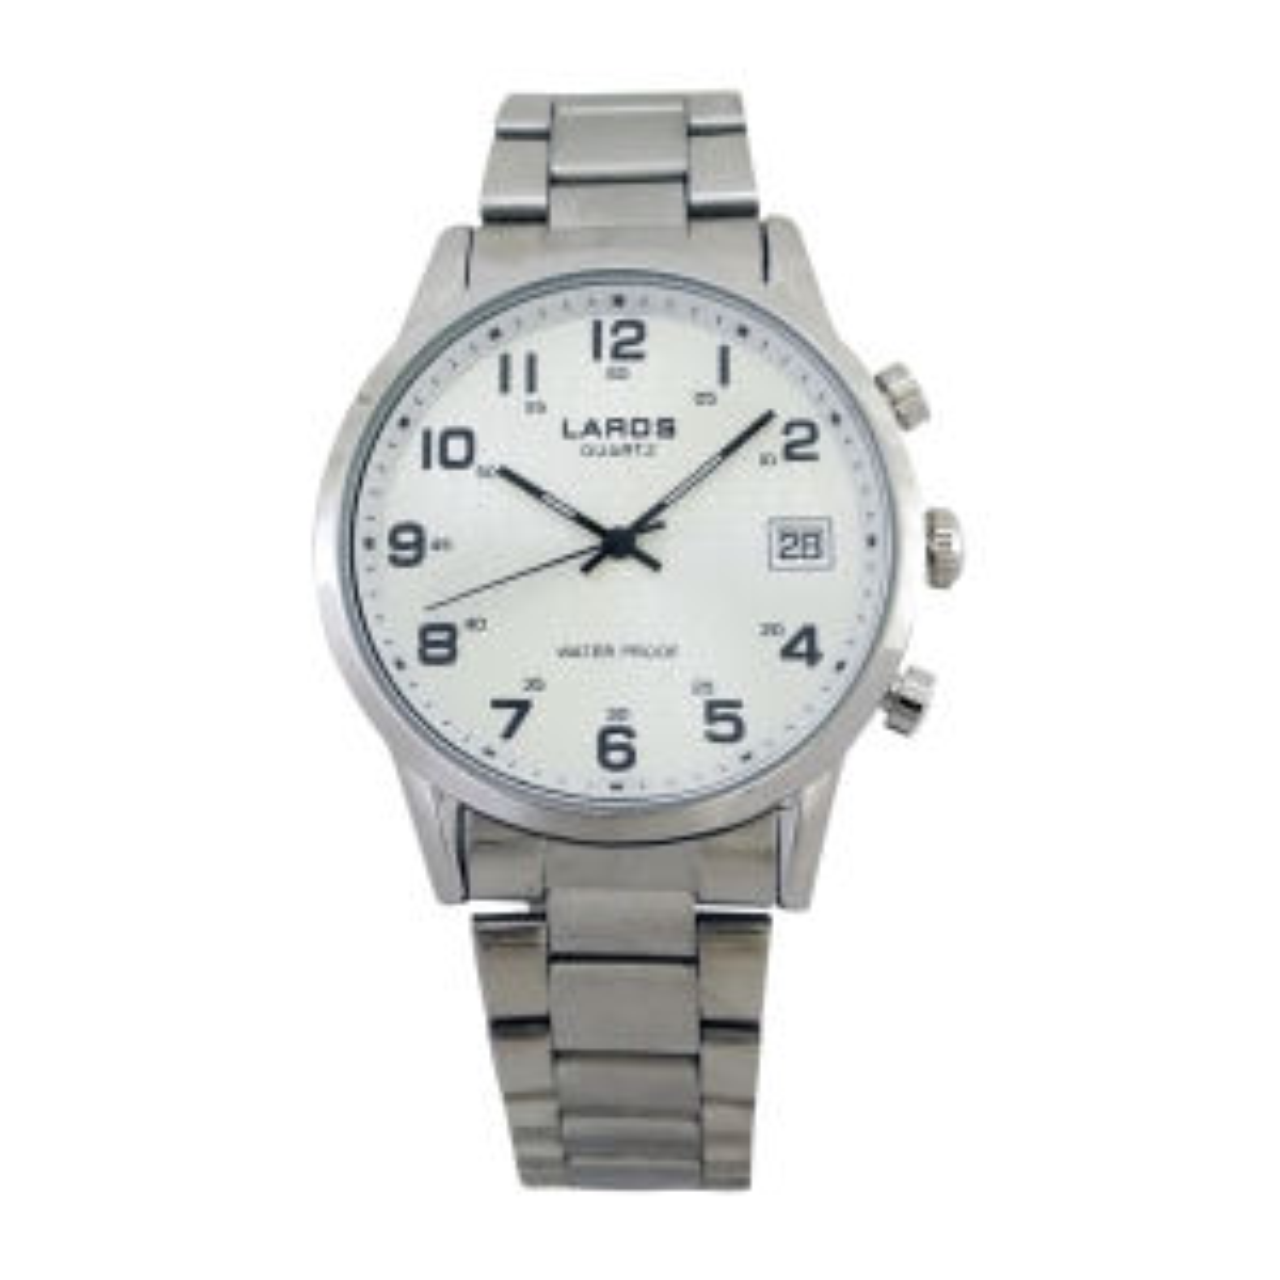 ساعت مچی عقربه ای مردانه لاروس مدل 0917-80095-d به همراه دستمال مخصوص برند کلین واچ